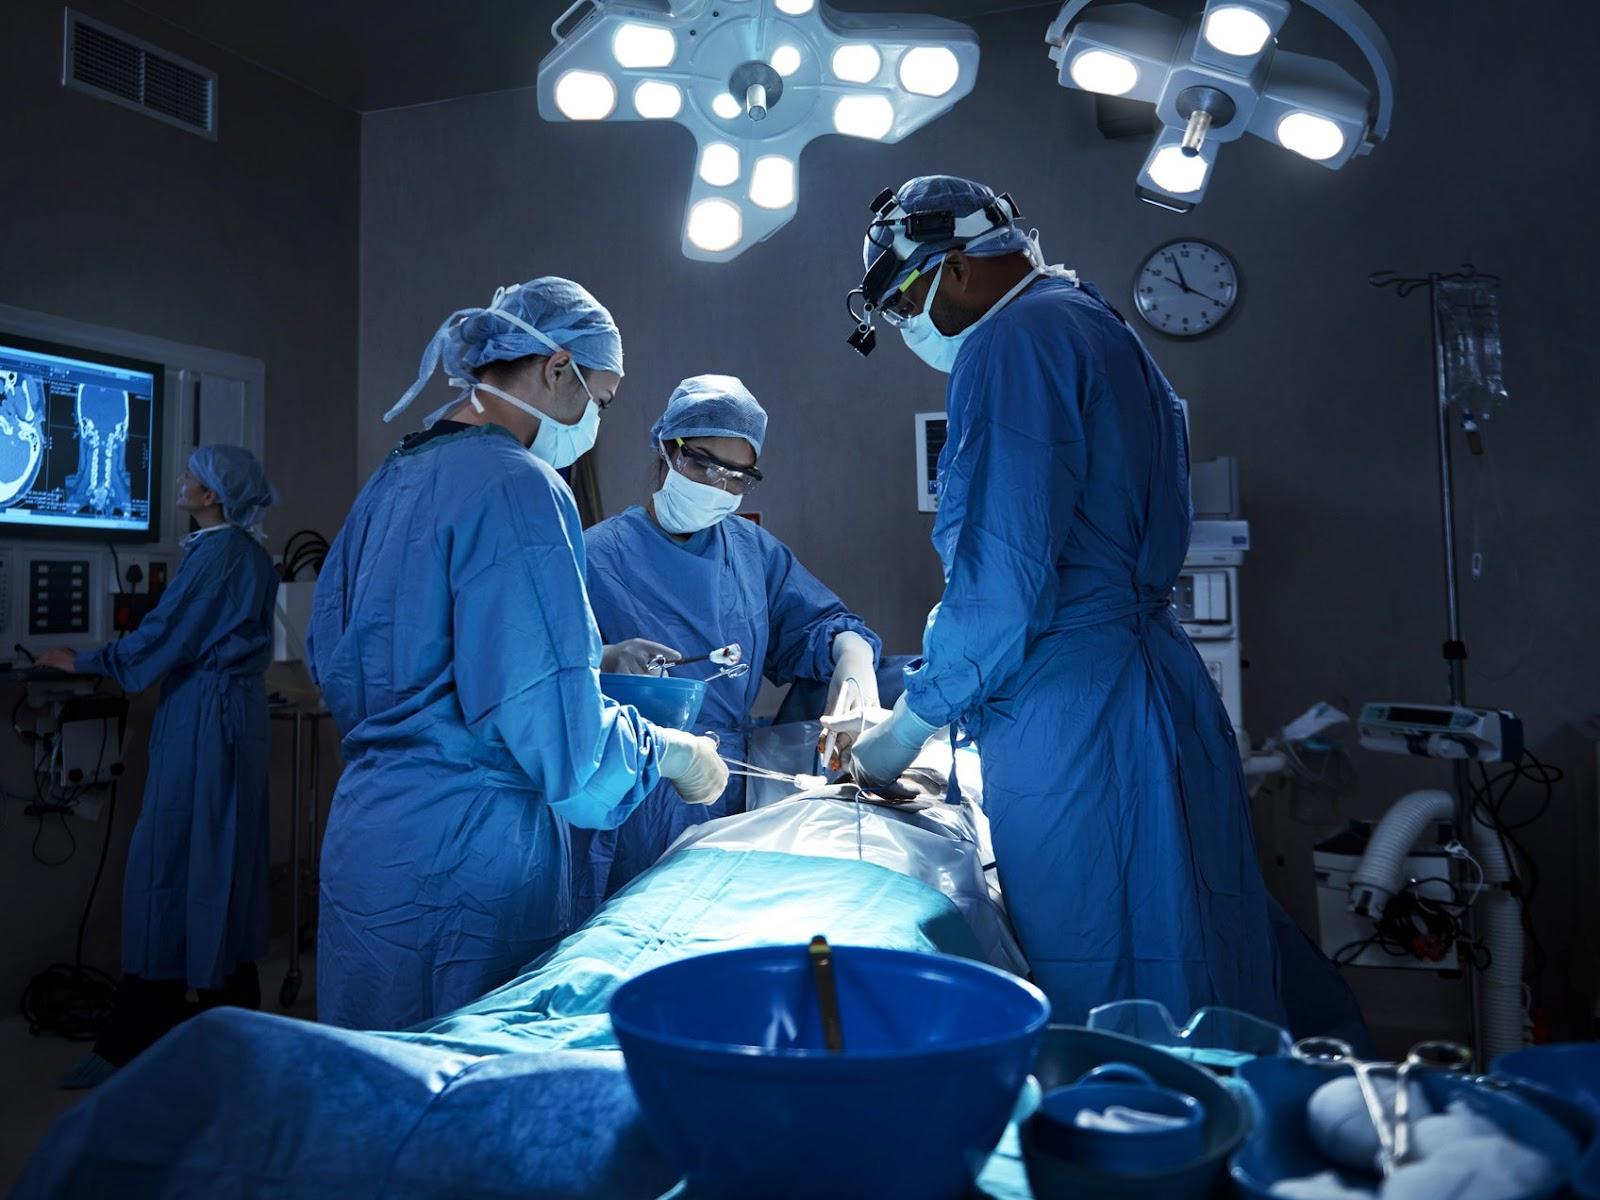 В случае, если процедура окажется эффективной, грядет революция в медицине